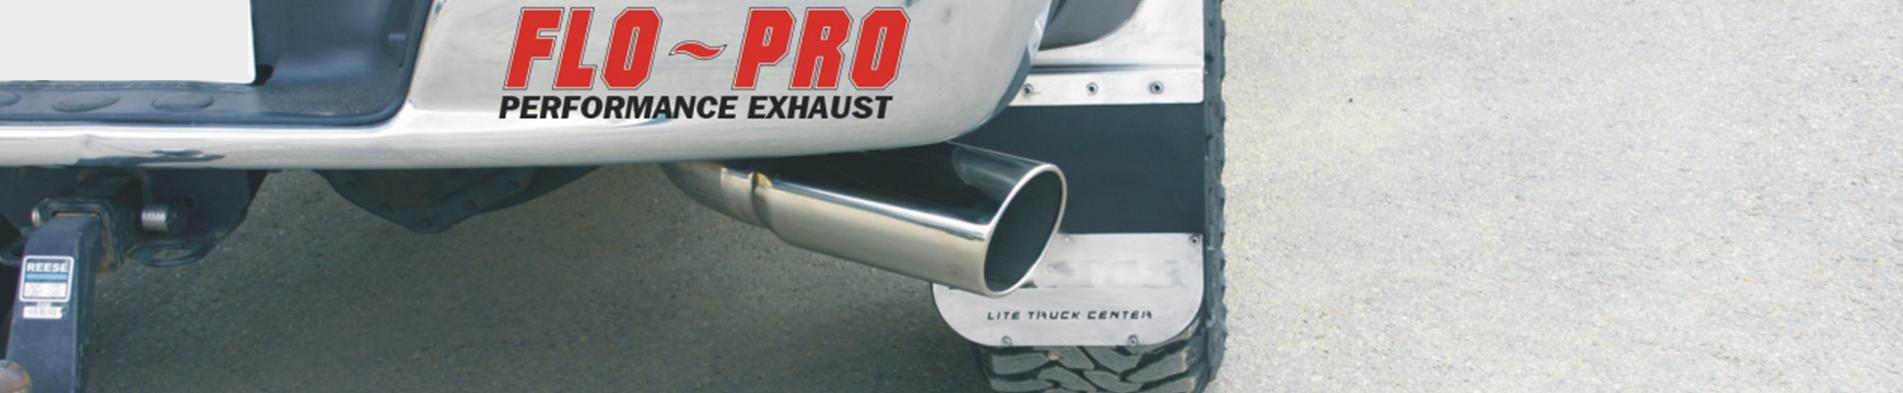 flo-pro-exhaust-banner.jpg